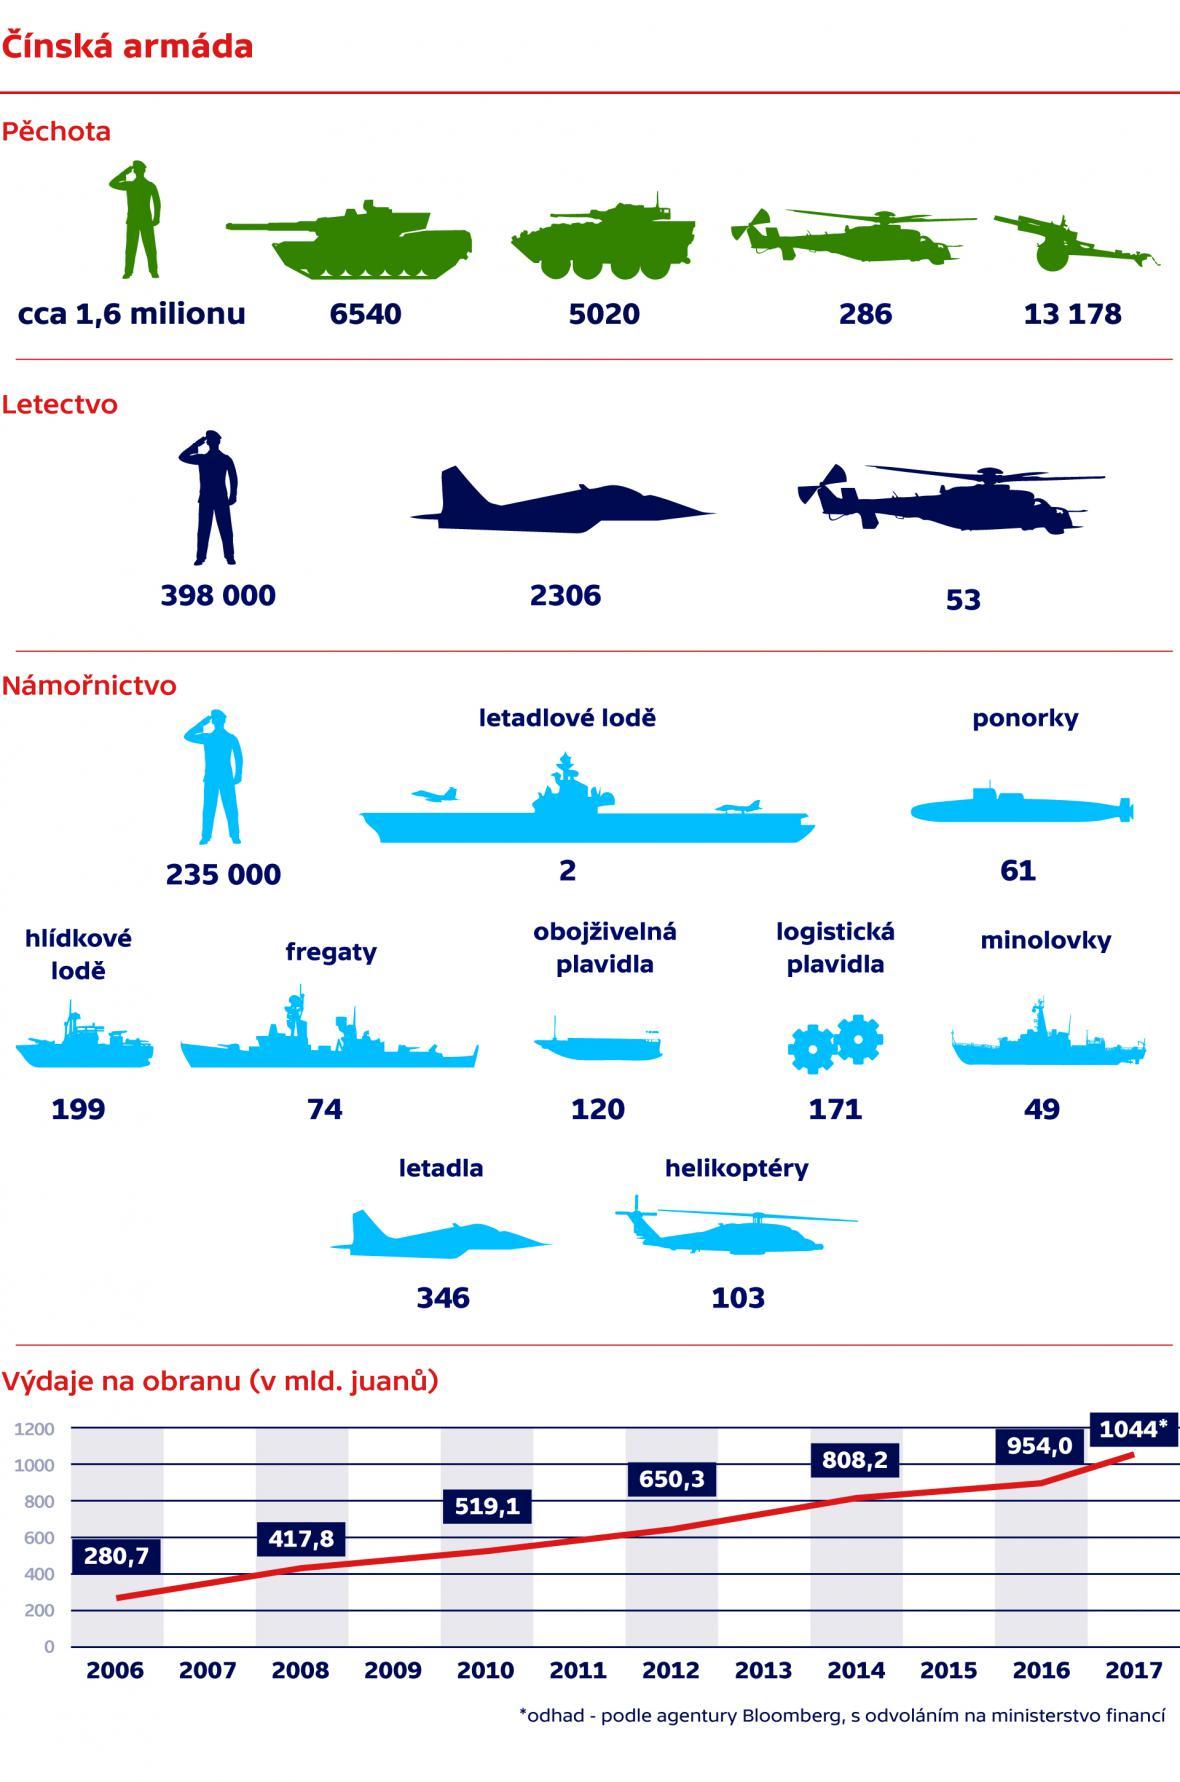 Výzbroj čínské armády